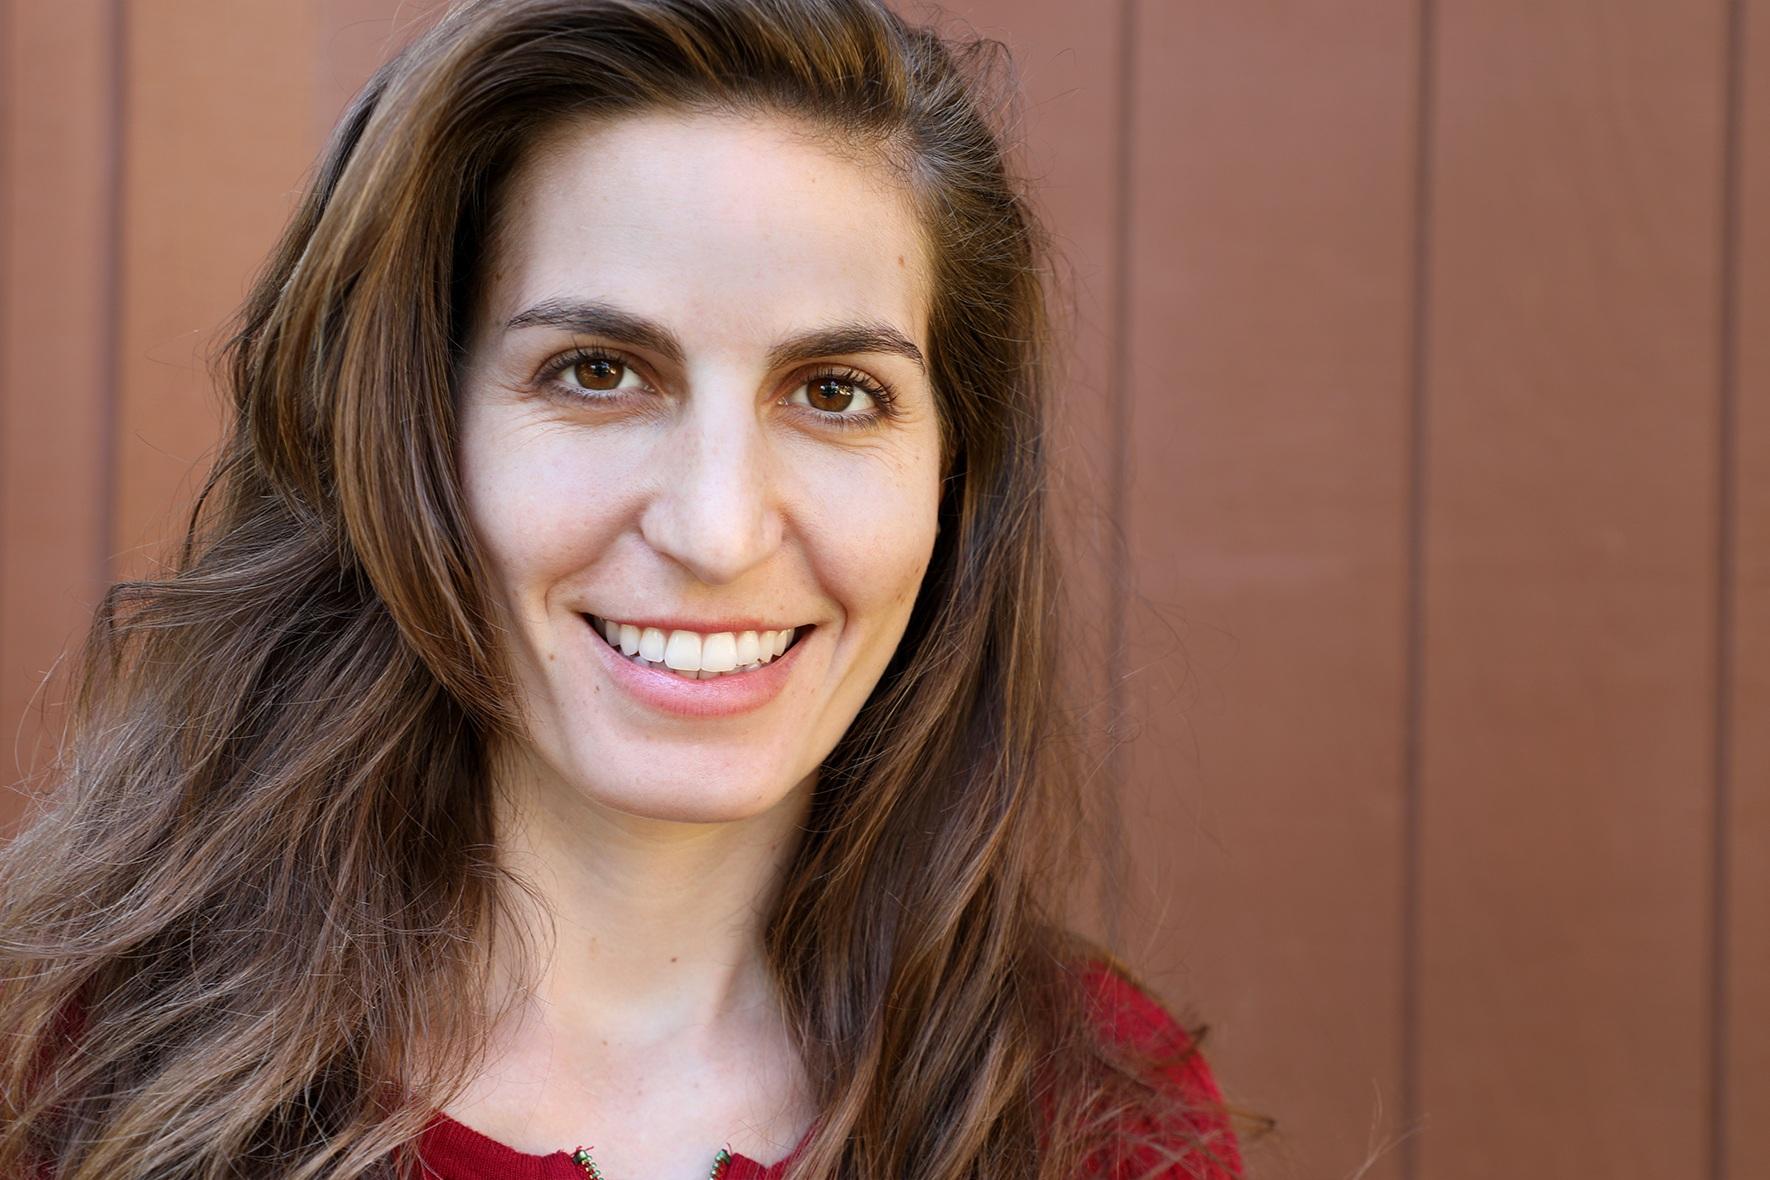 Kate Remsen - Producer, Editor